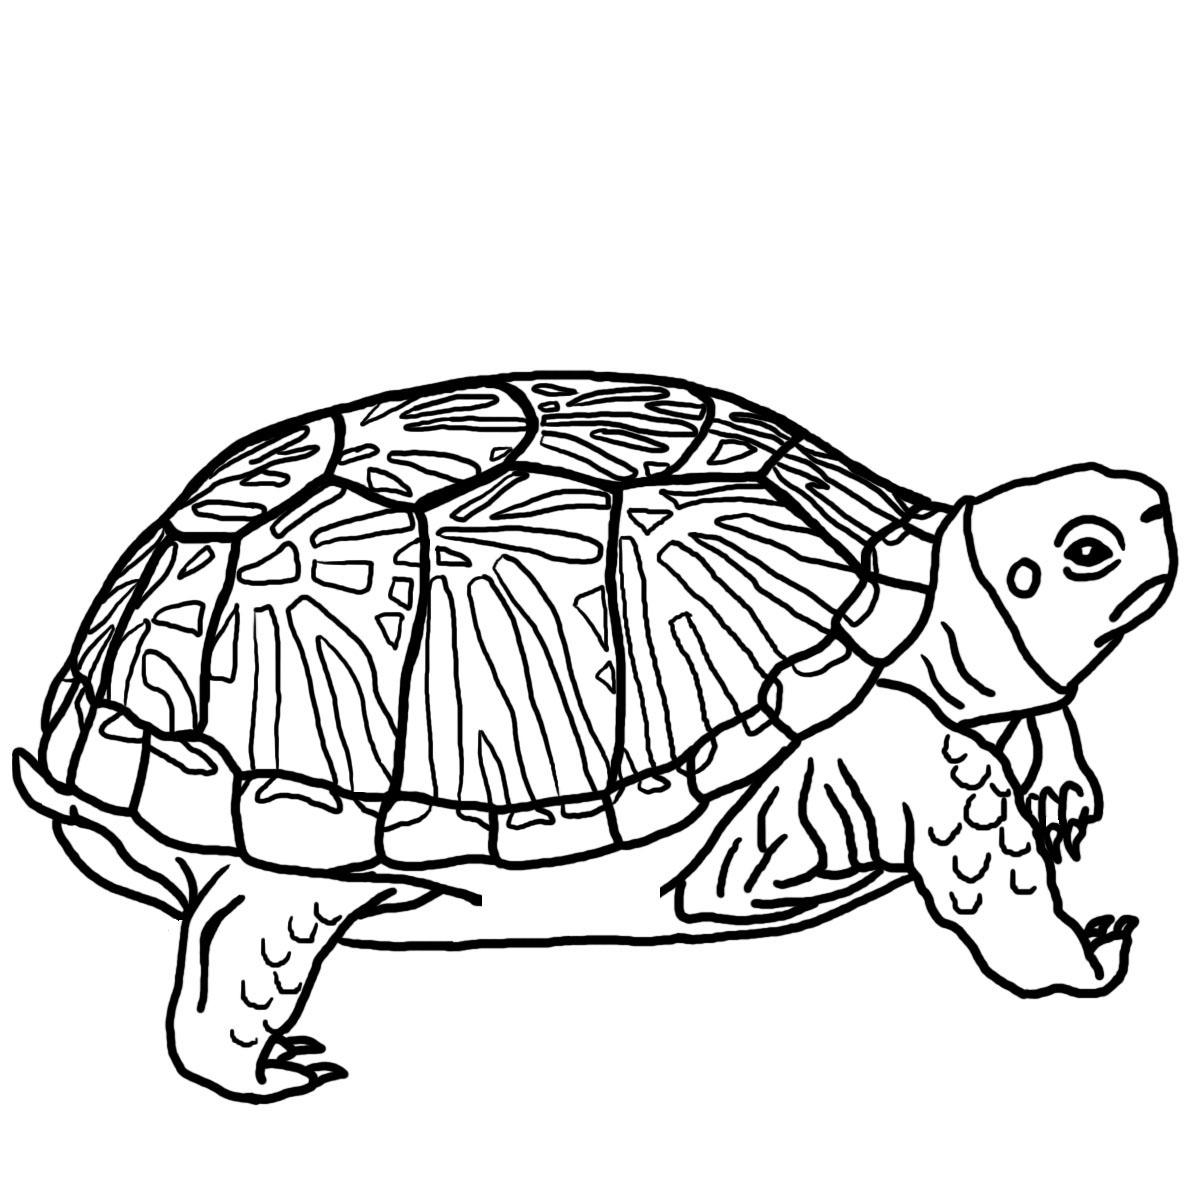 Line Art Turtle : Line art turtle images